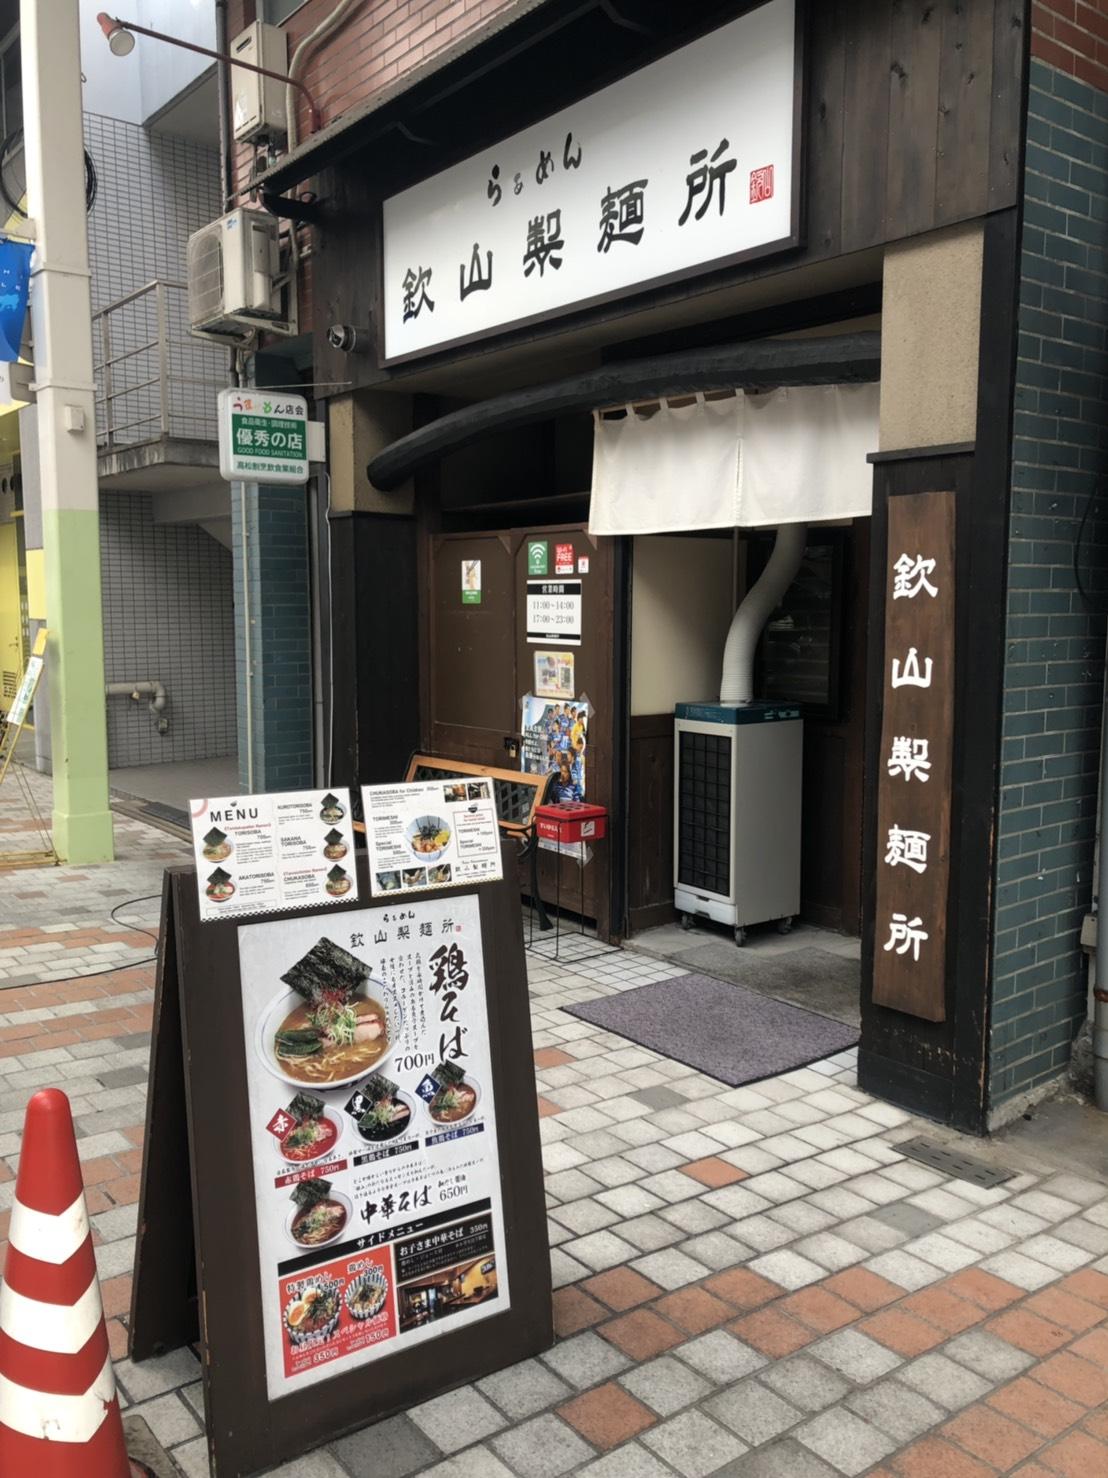 2019/03/28 らぁめん 欽山製麺所Googleストリートビュー屋内版撮影